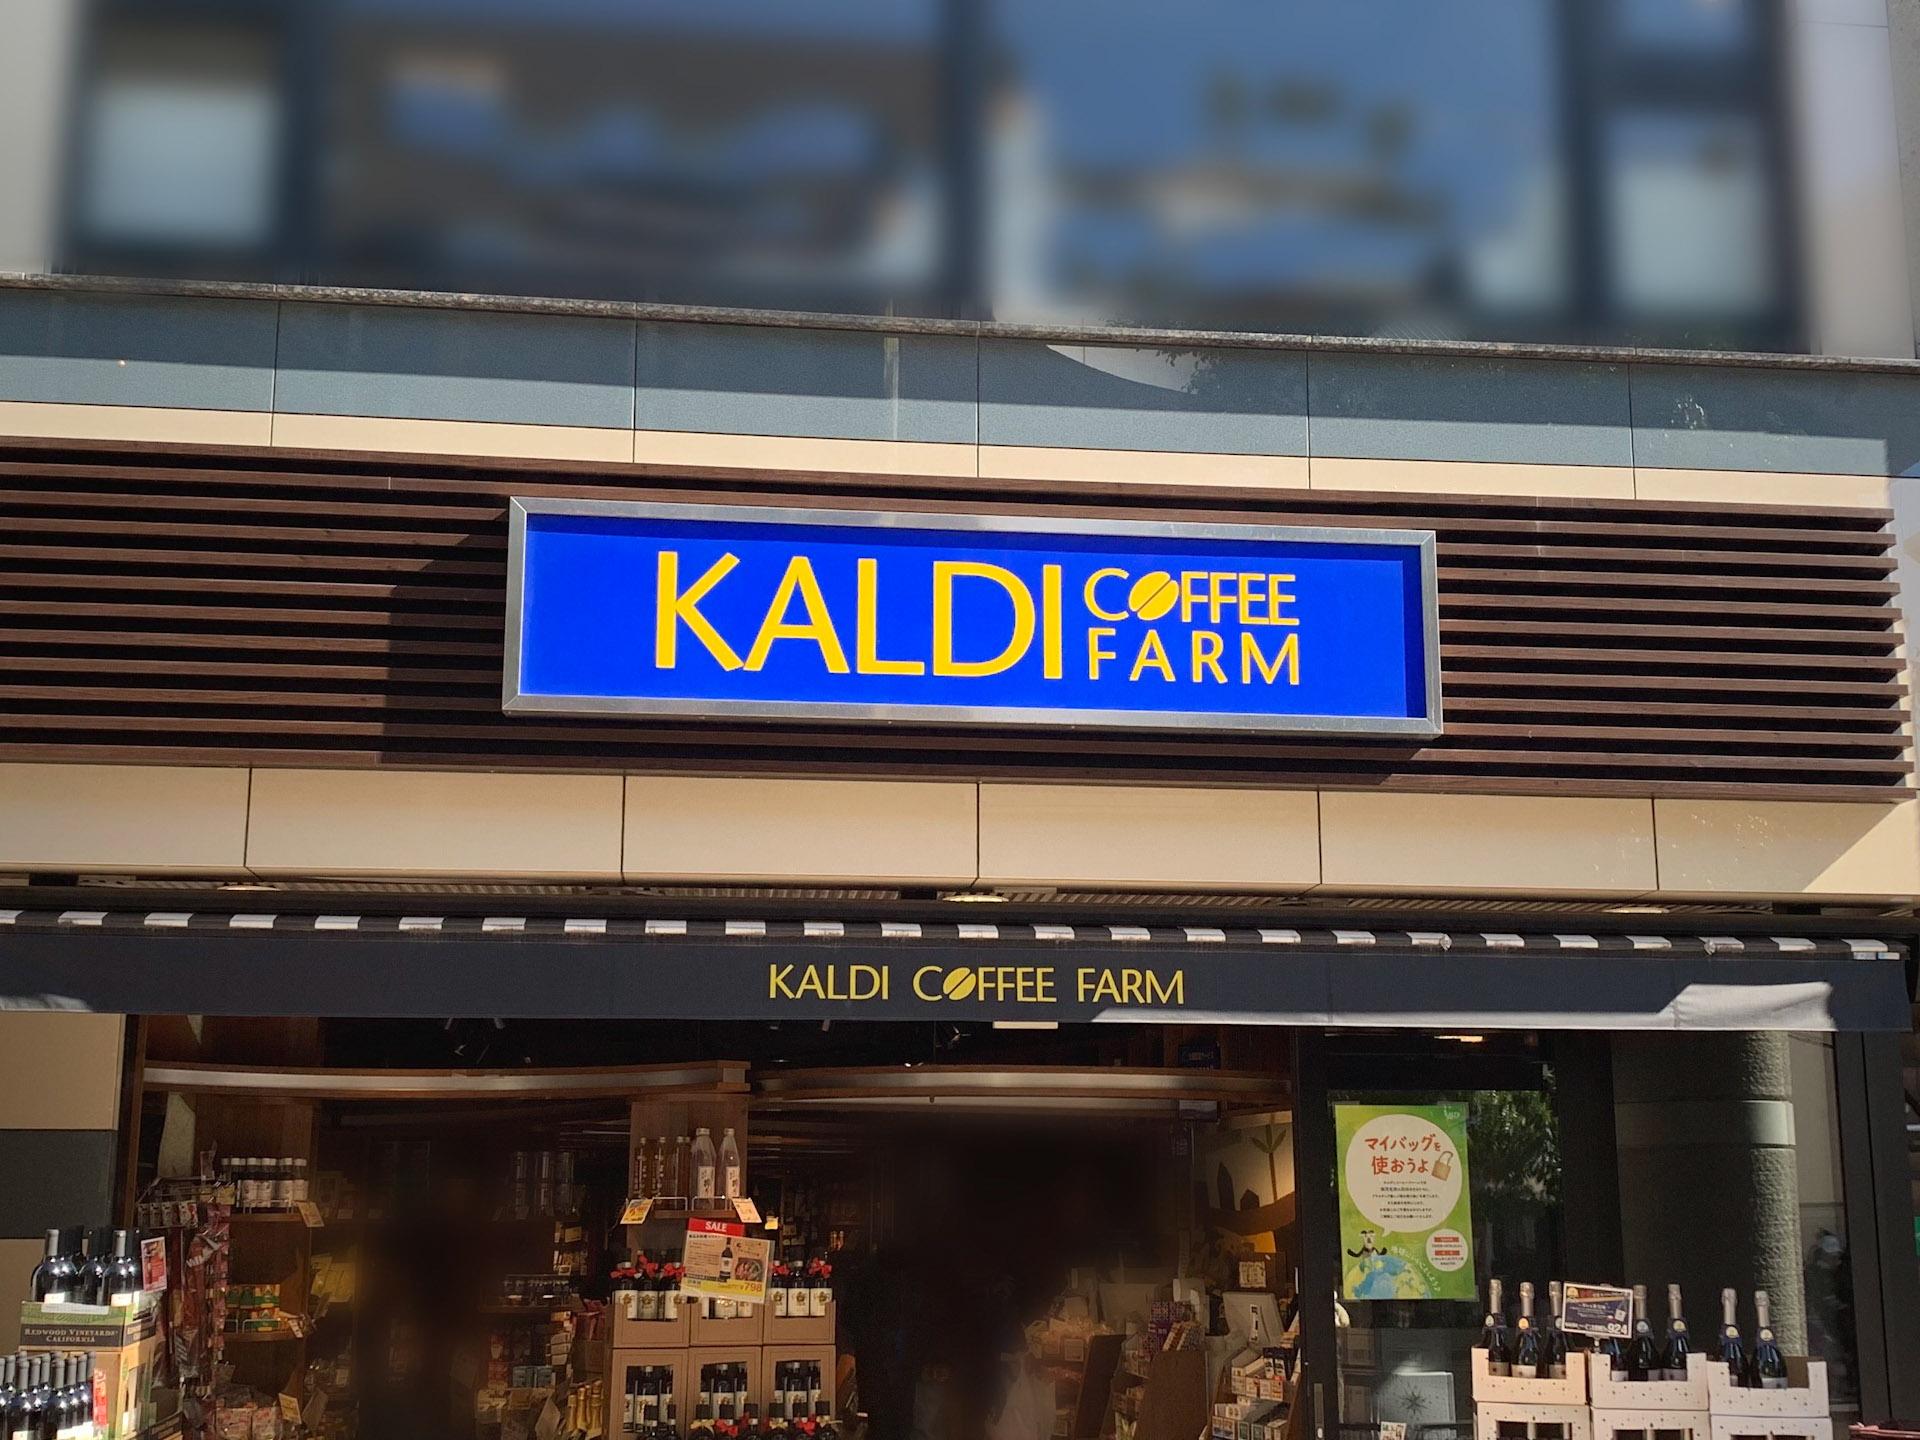 カルディで買える麺類おすすめランキング!人気の定番品は何位?